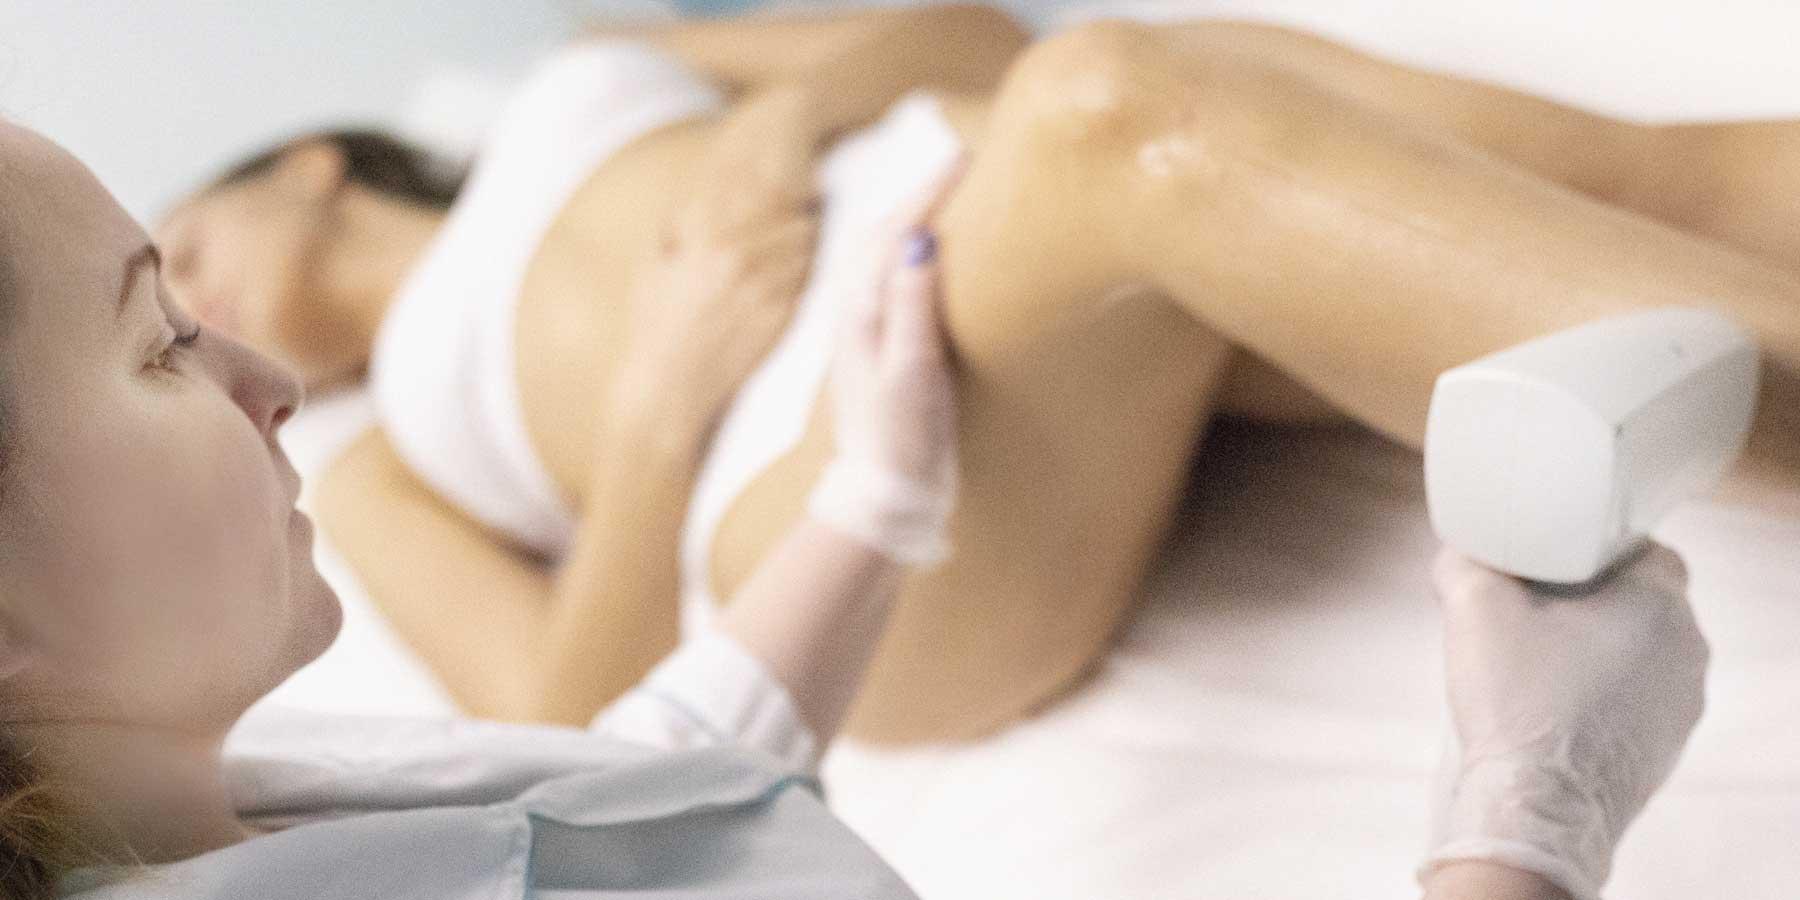 Лазерная эпиляция бикини: 5 нюансов процедуры